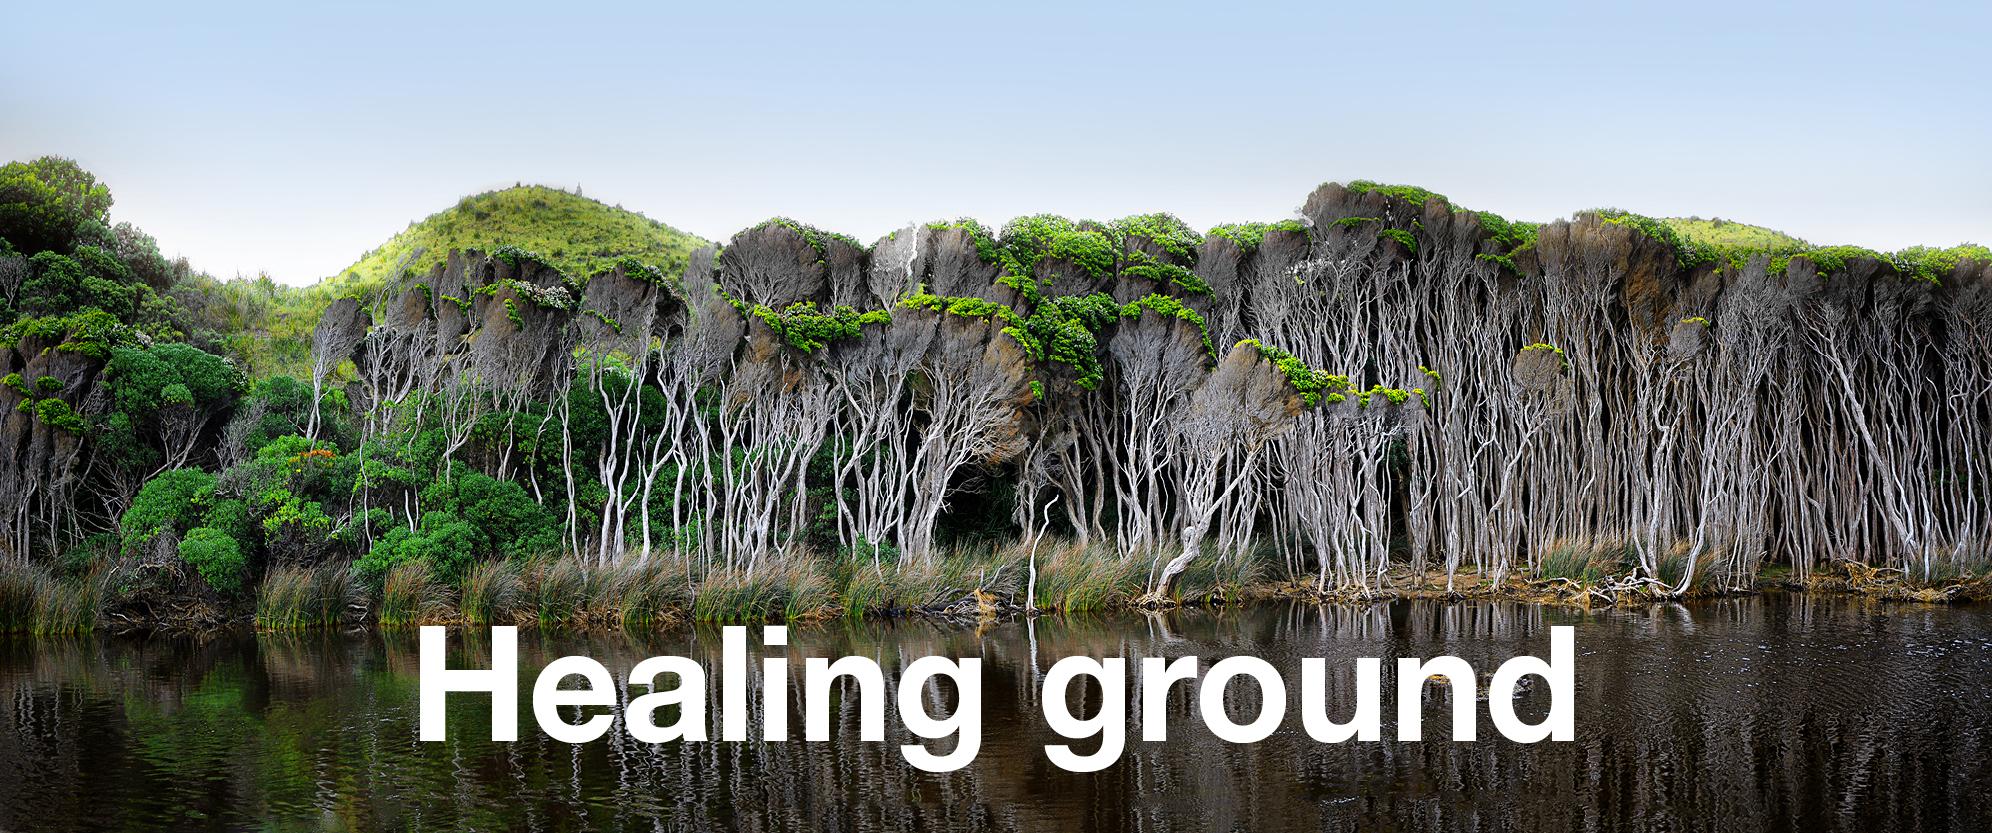 healing-ground.jpg